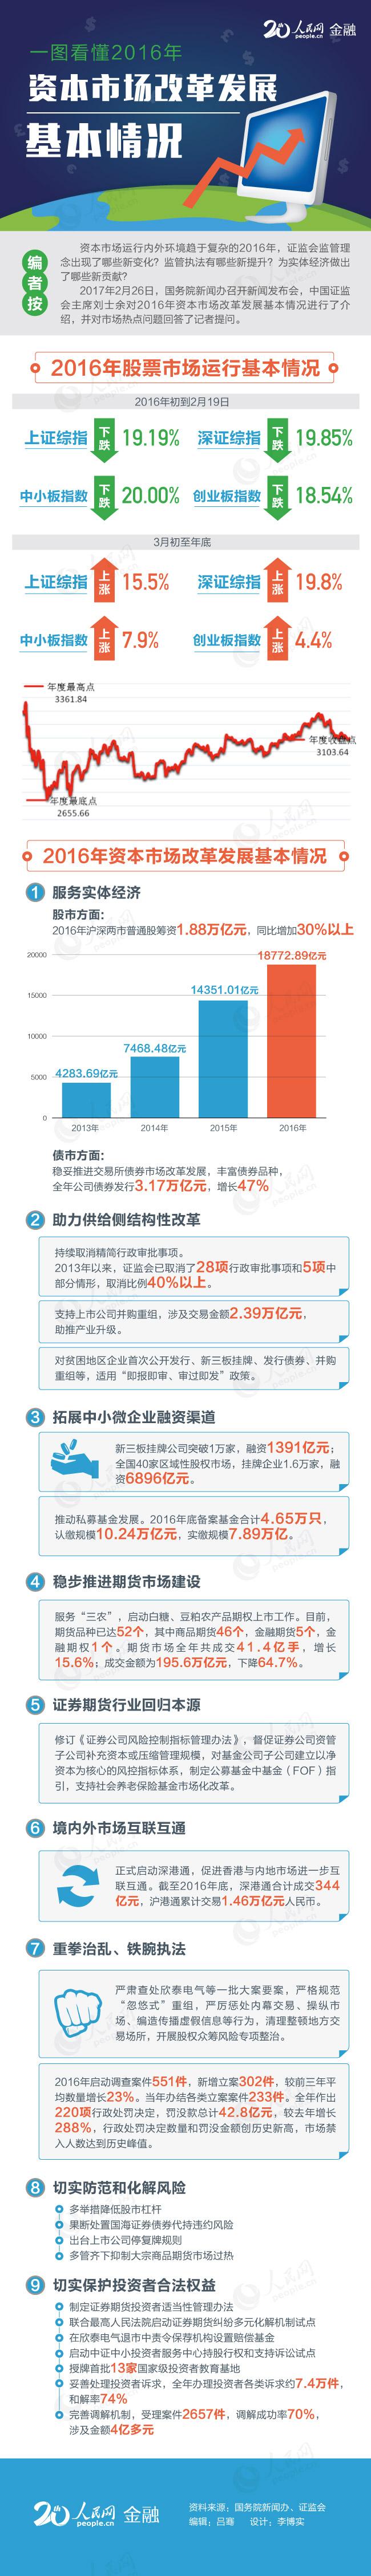 一图看懂2016年资本市场改革发展基本情况